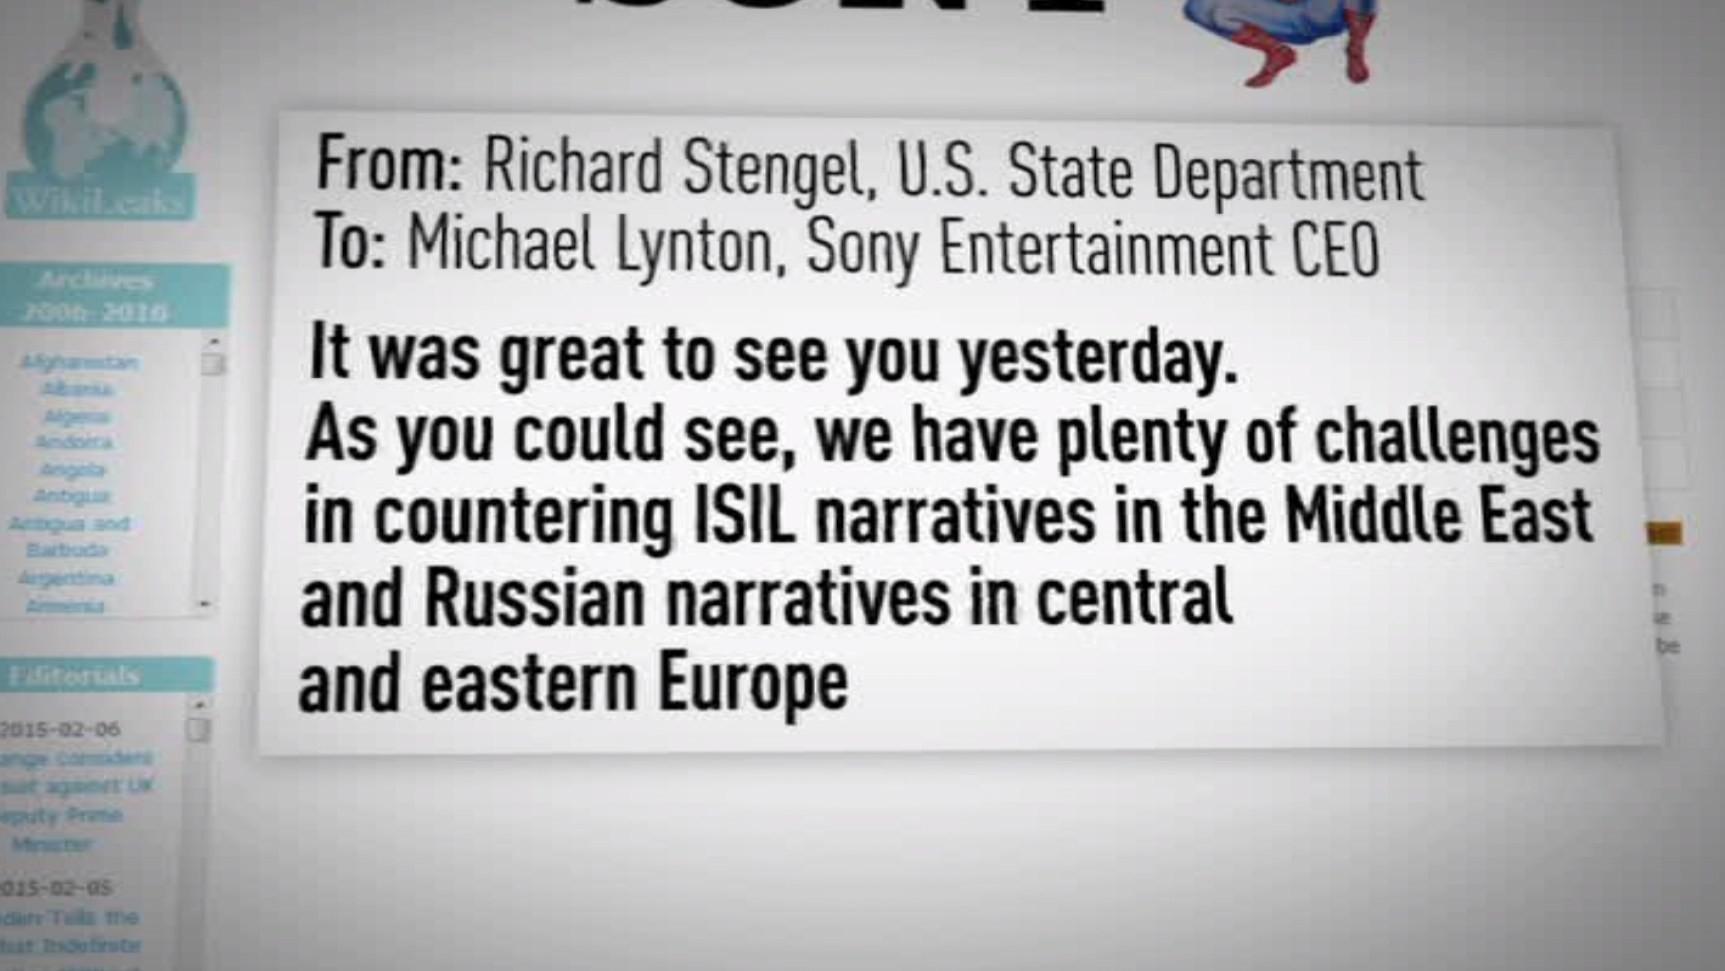 Washington a demandé de l'aide à Sony pour contrer les propos de la Russie et de Daesh